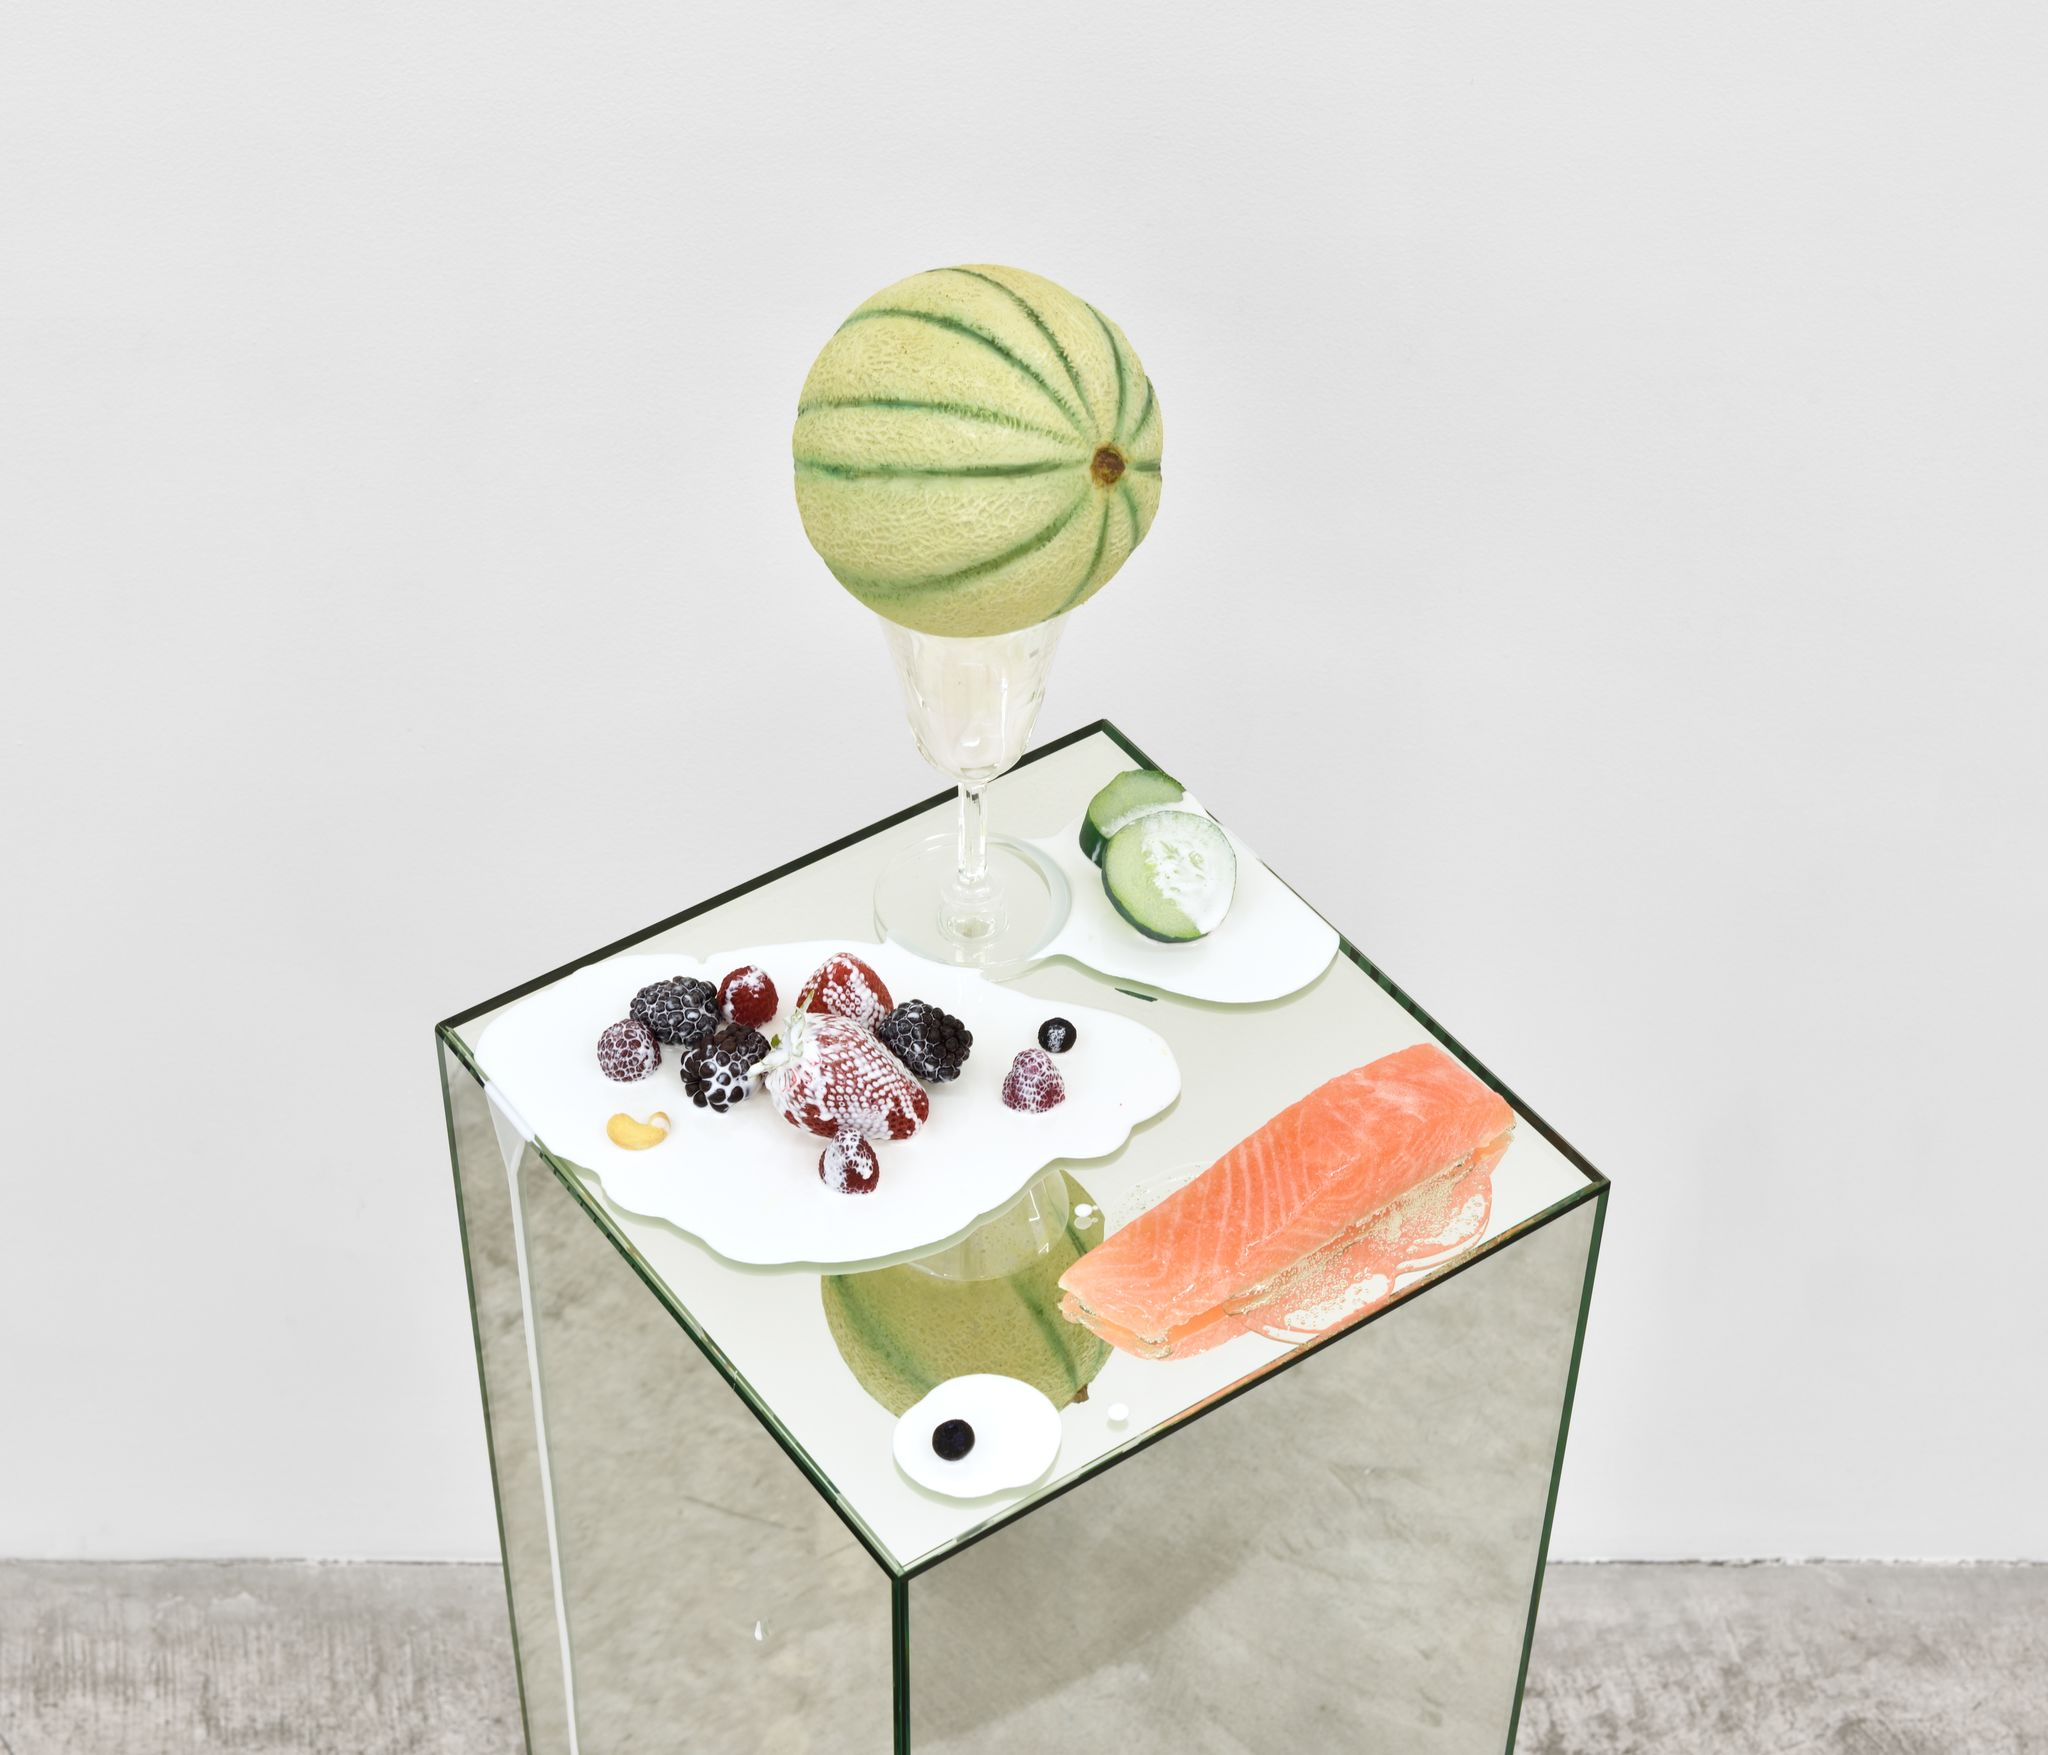 Bains de gros thé pour grains de beauté, 2017. Oil paint, urethane, glass on mirror plinth. 119 x 30,5 x 30,5 cm